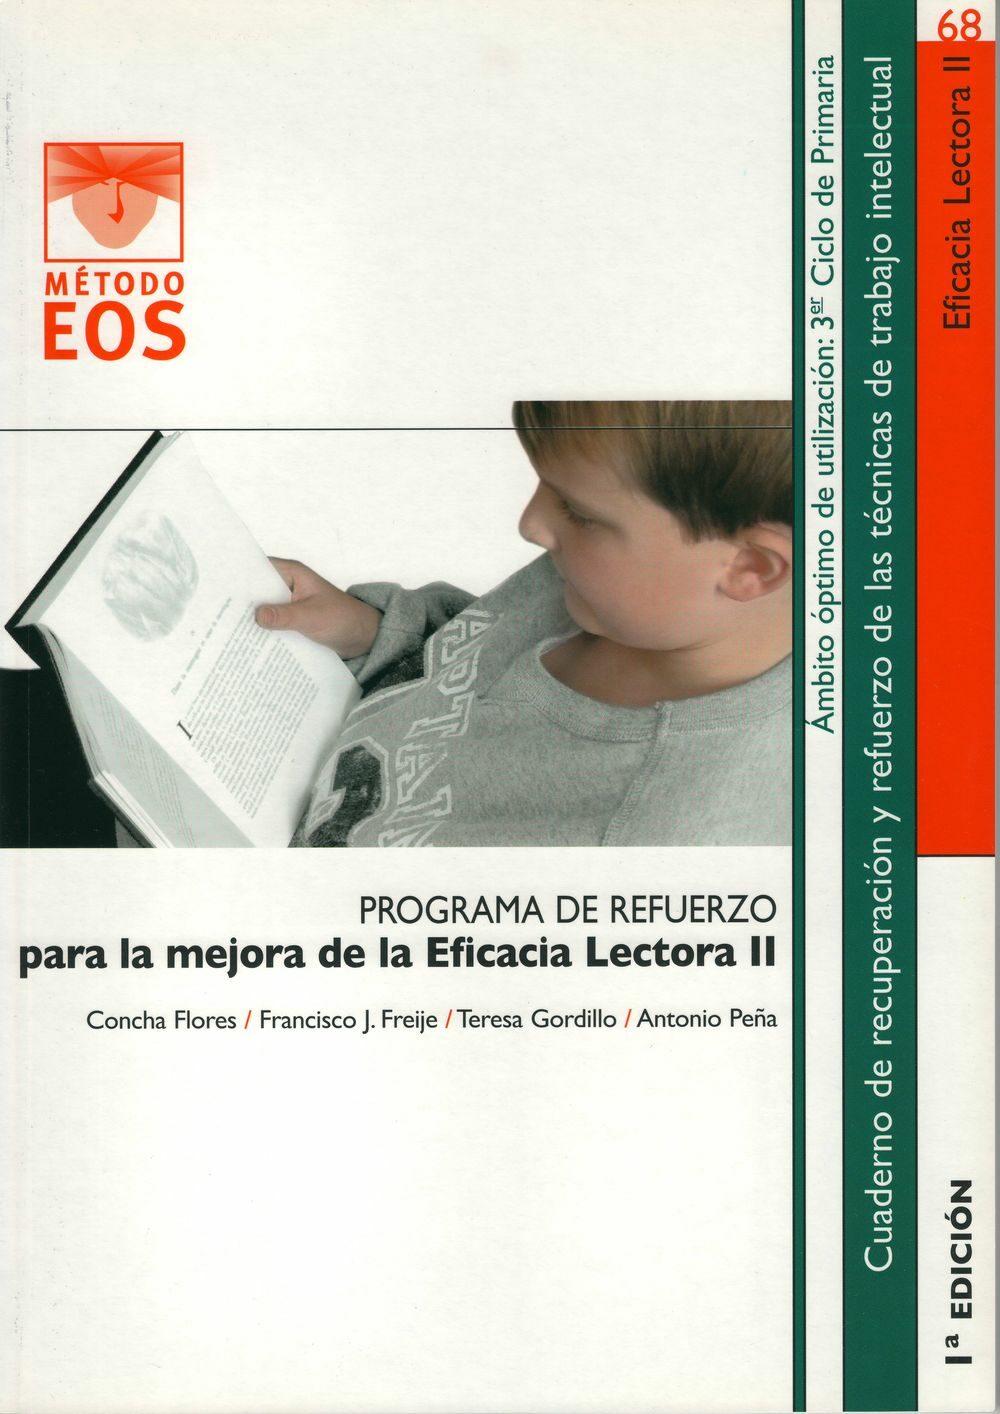 Resultado de imagen de Programa de Refuerzo para la mejora de la Eficacia Lectora I y II